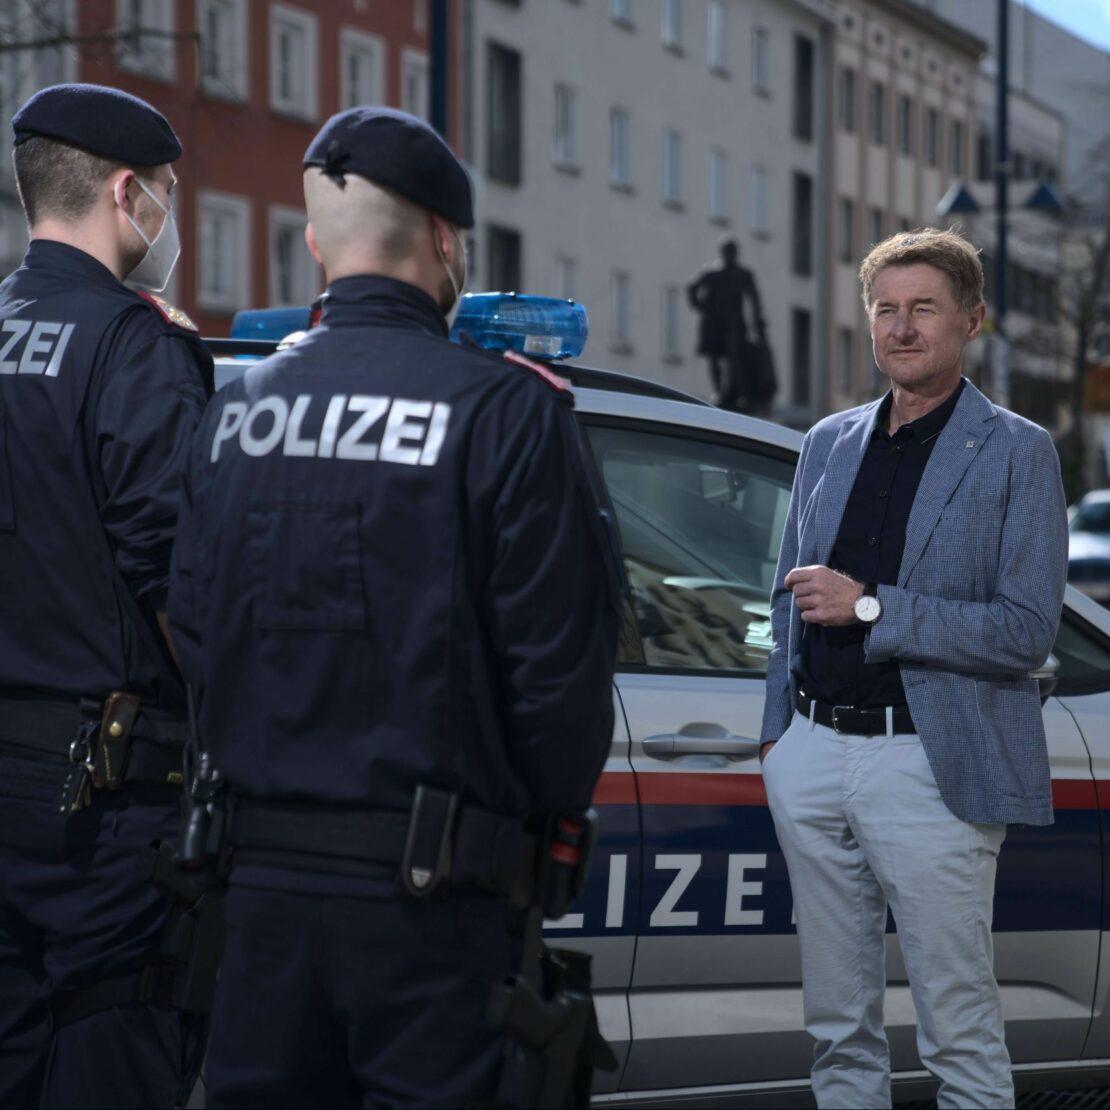 Polizei verstärkt Präsenz in der Welser Innenstadt